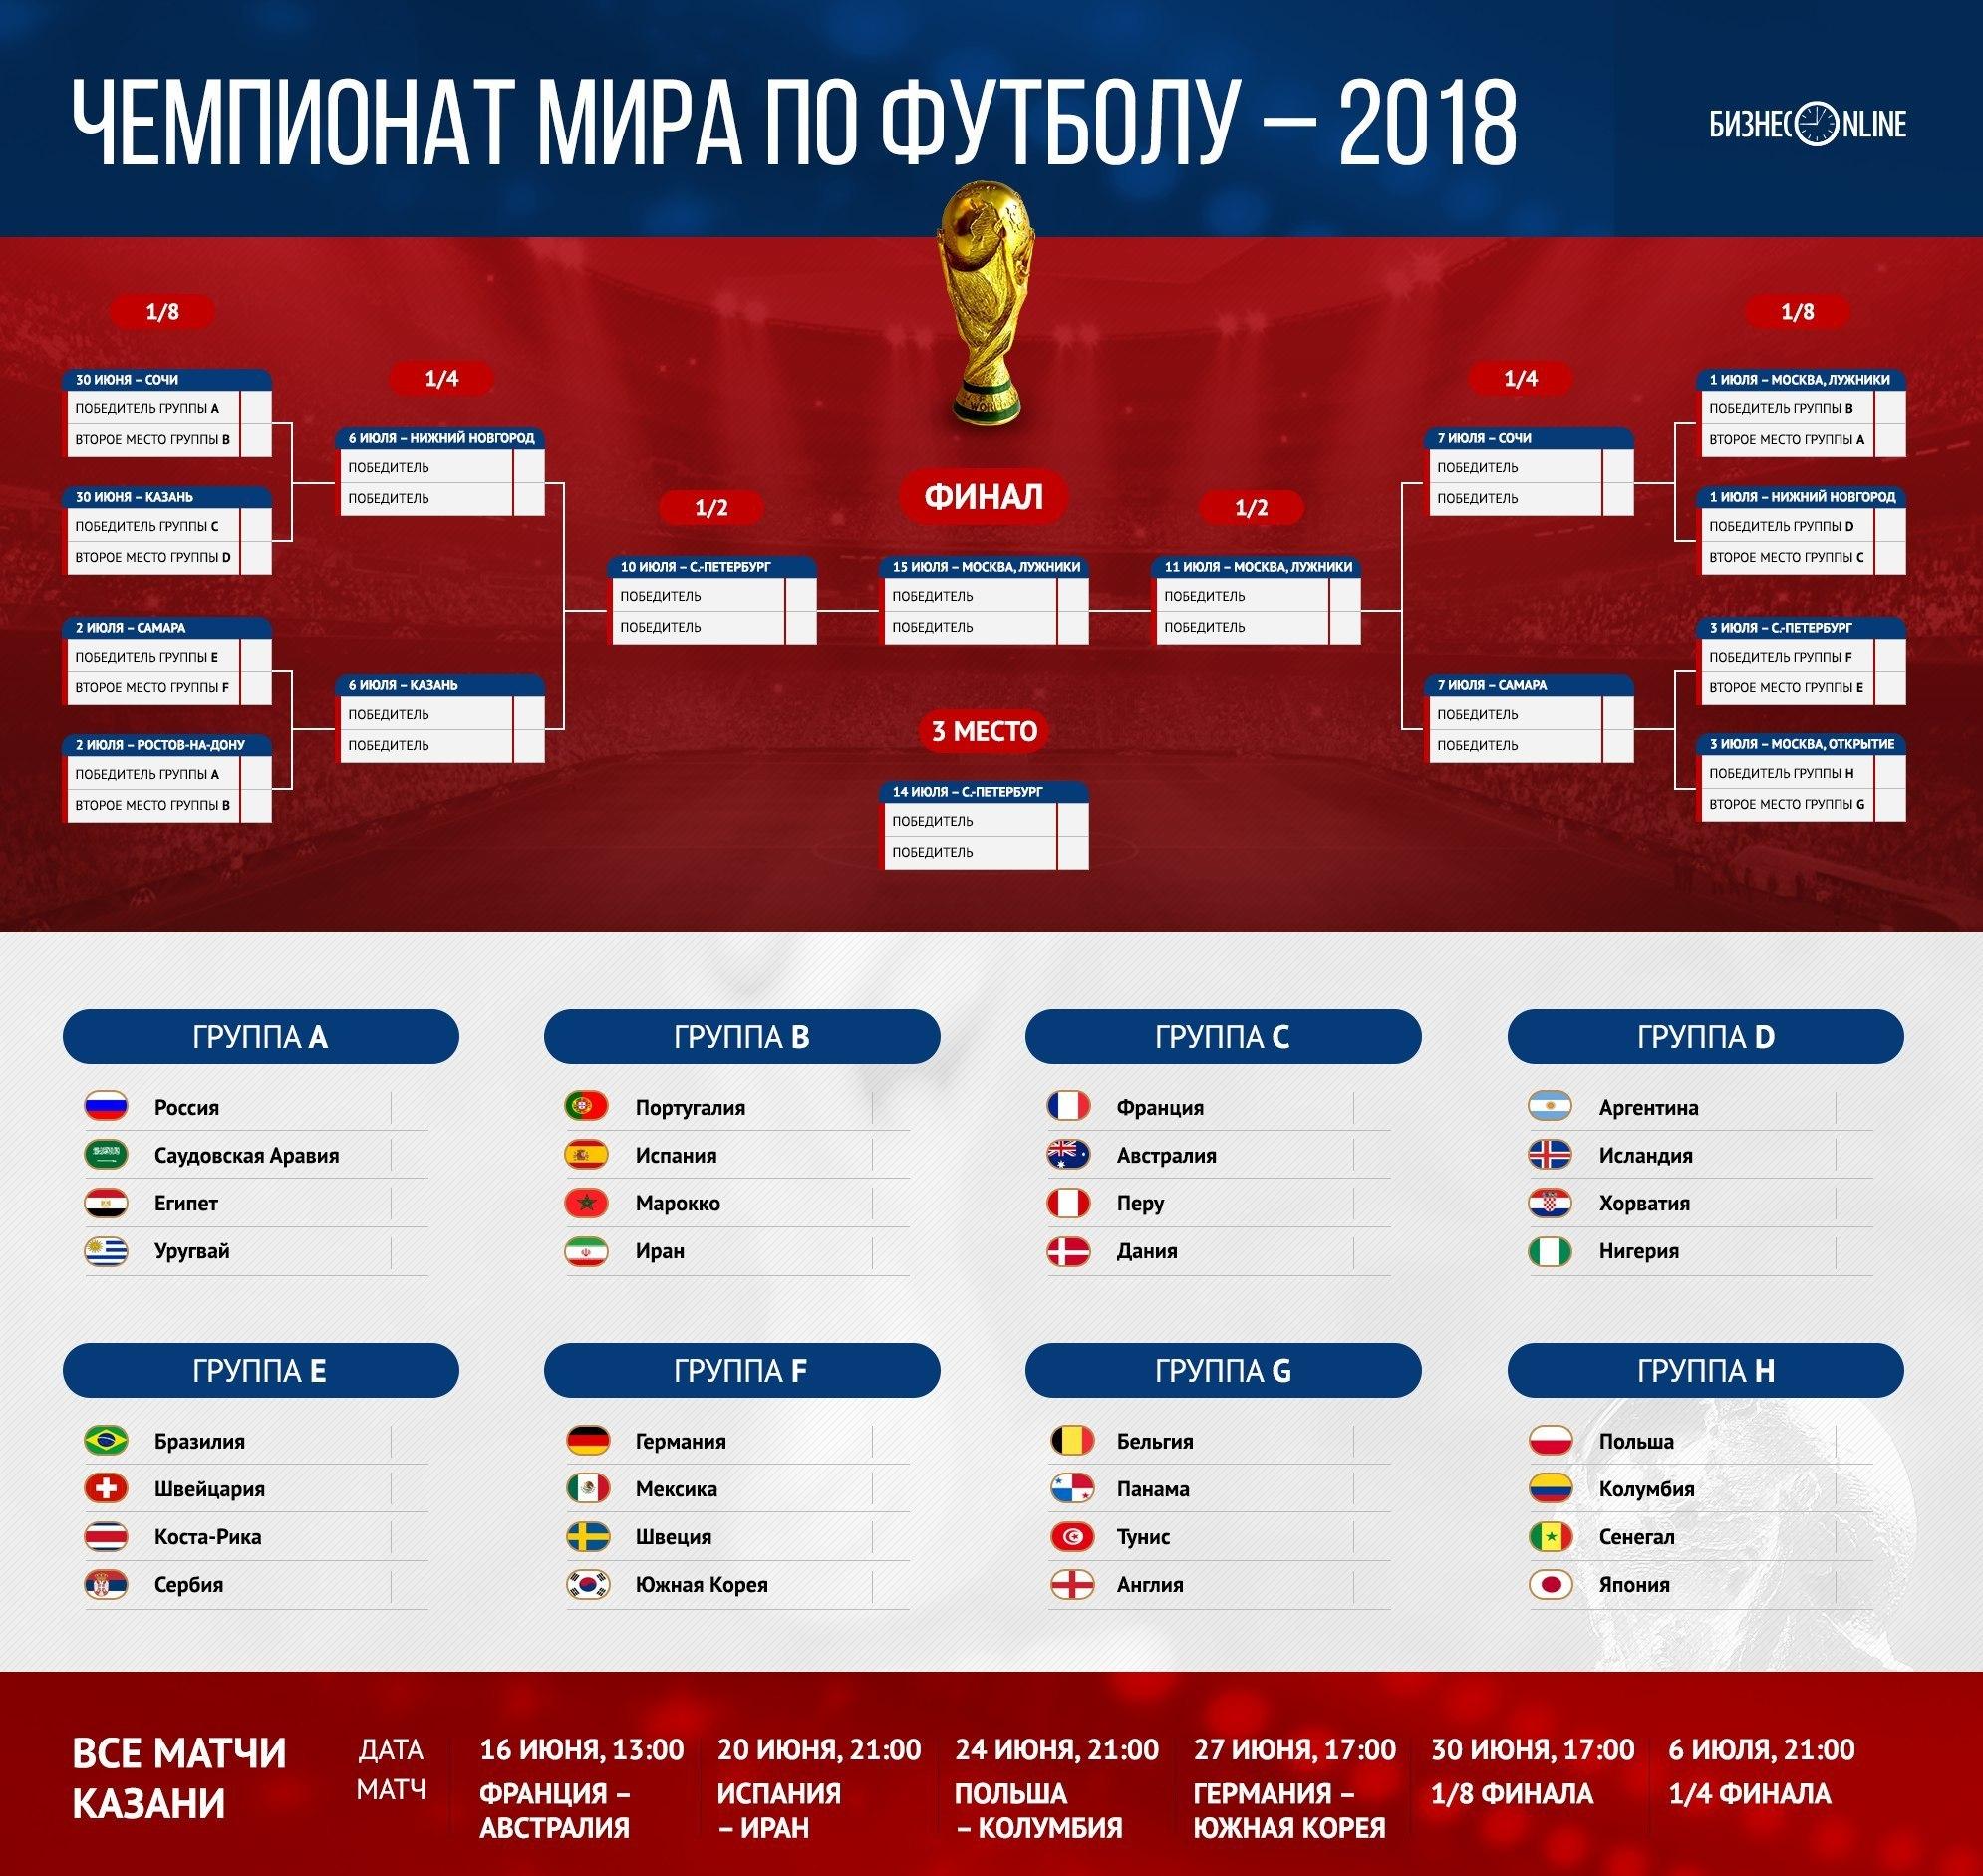 все группы на чемпионат мира 2018